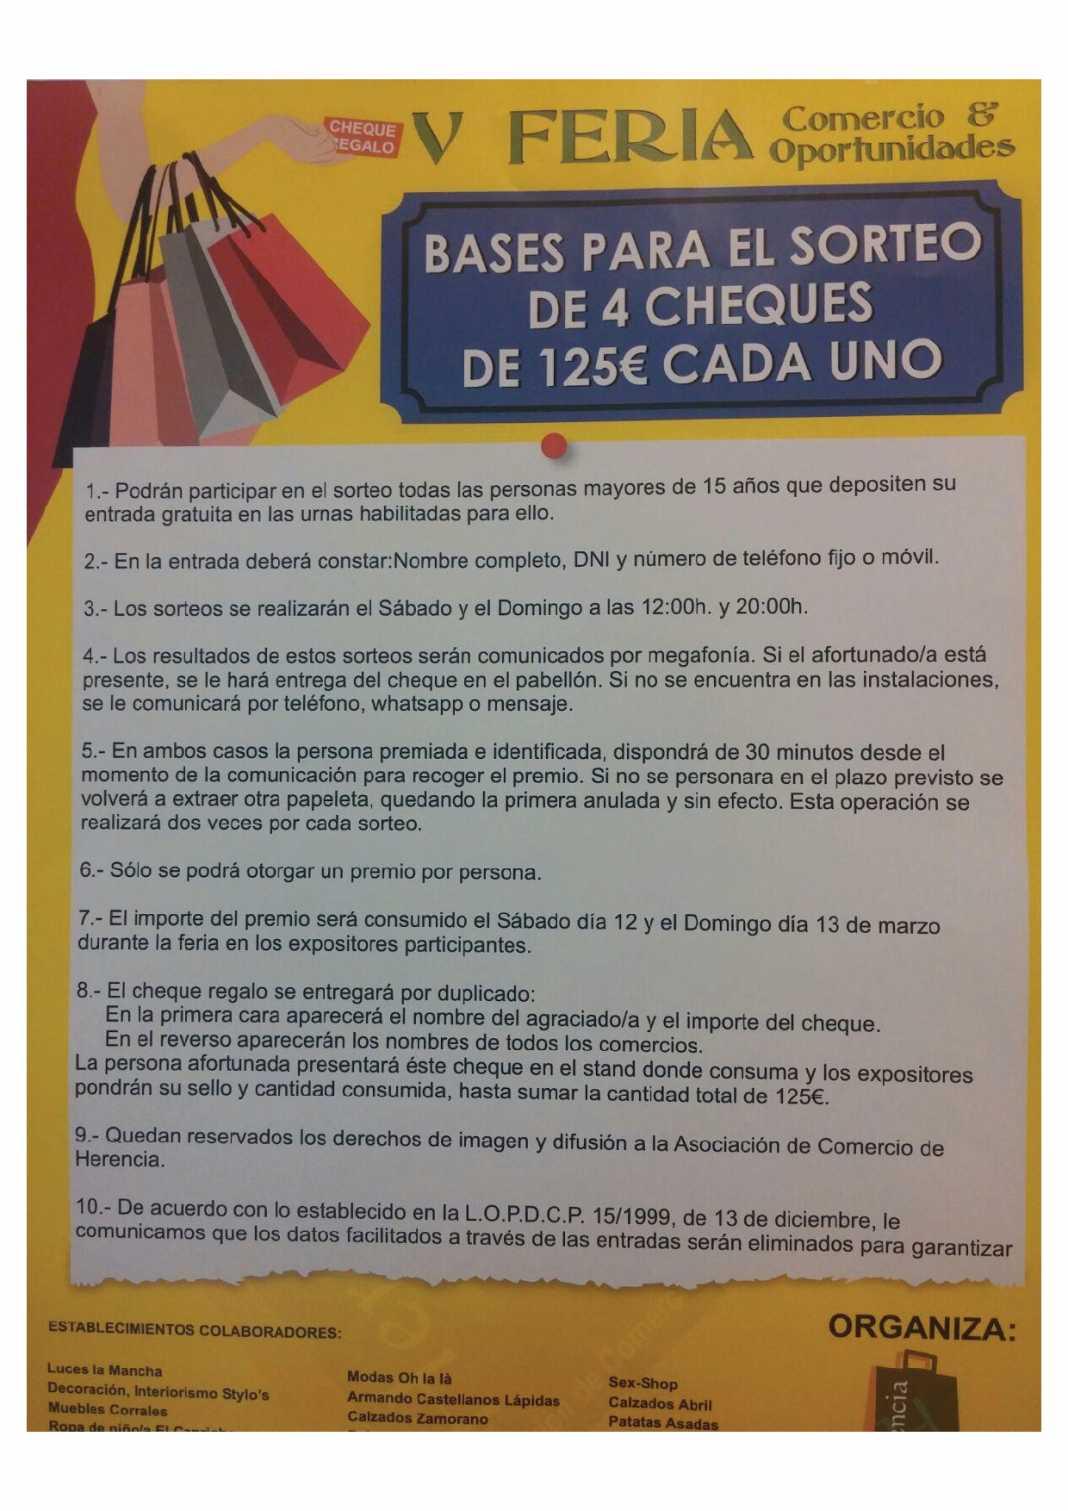 4 Cheques de 125 euros serán sorteados en la V Feria del Comercio & Oportunidades 1